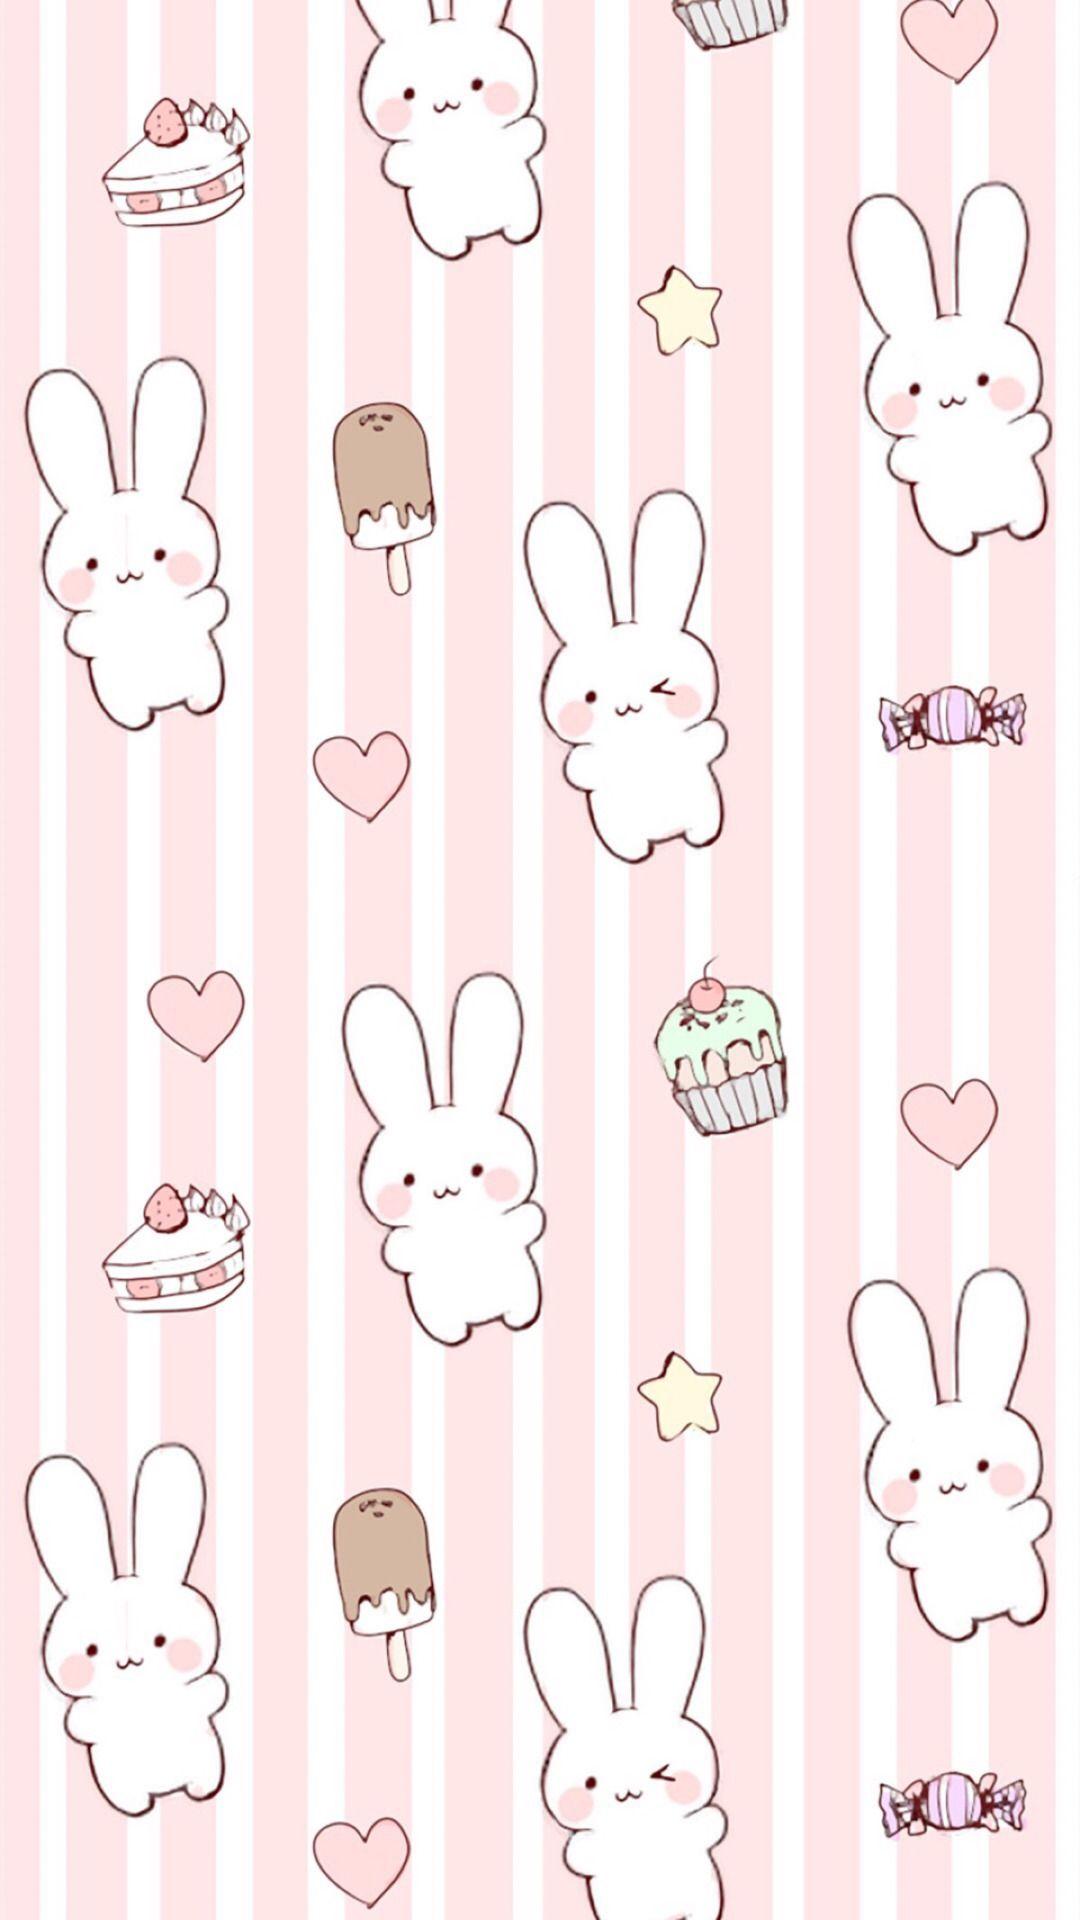 The Cutest Subscription Box Bunny